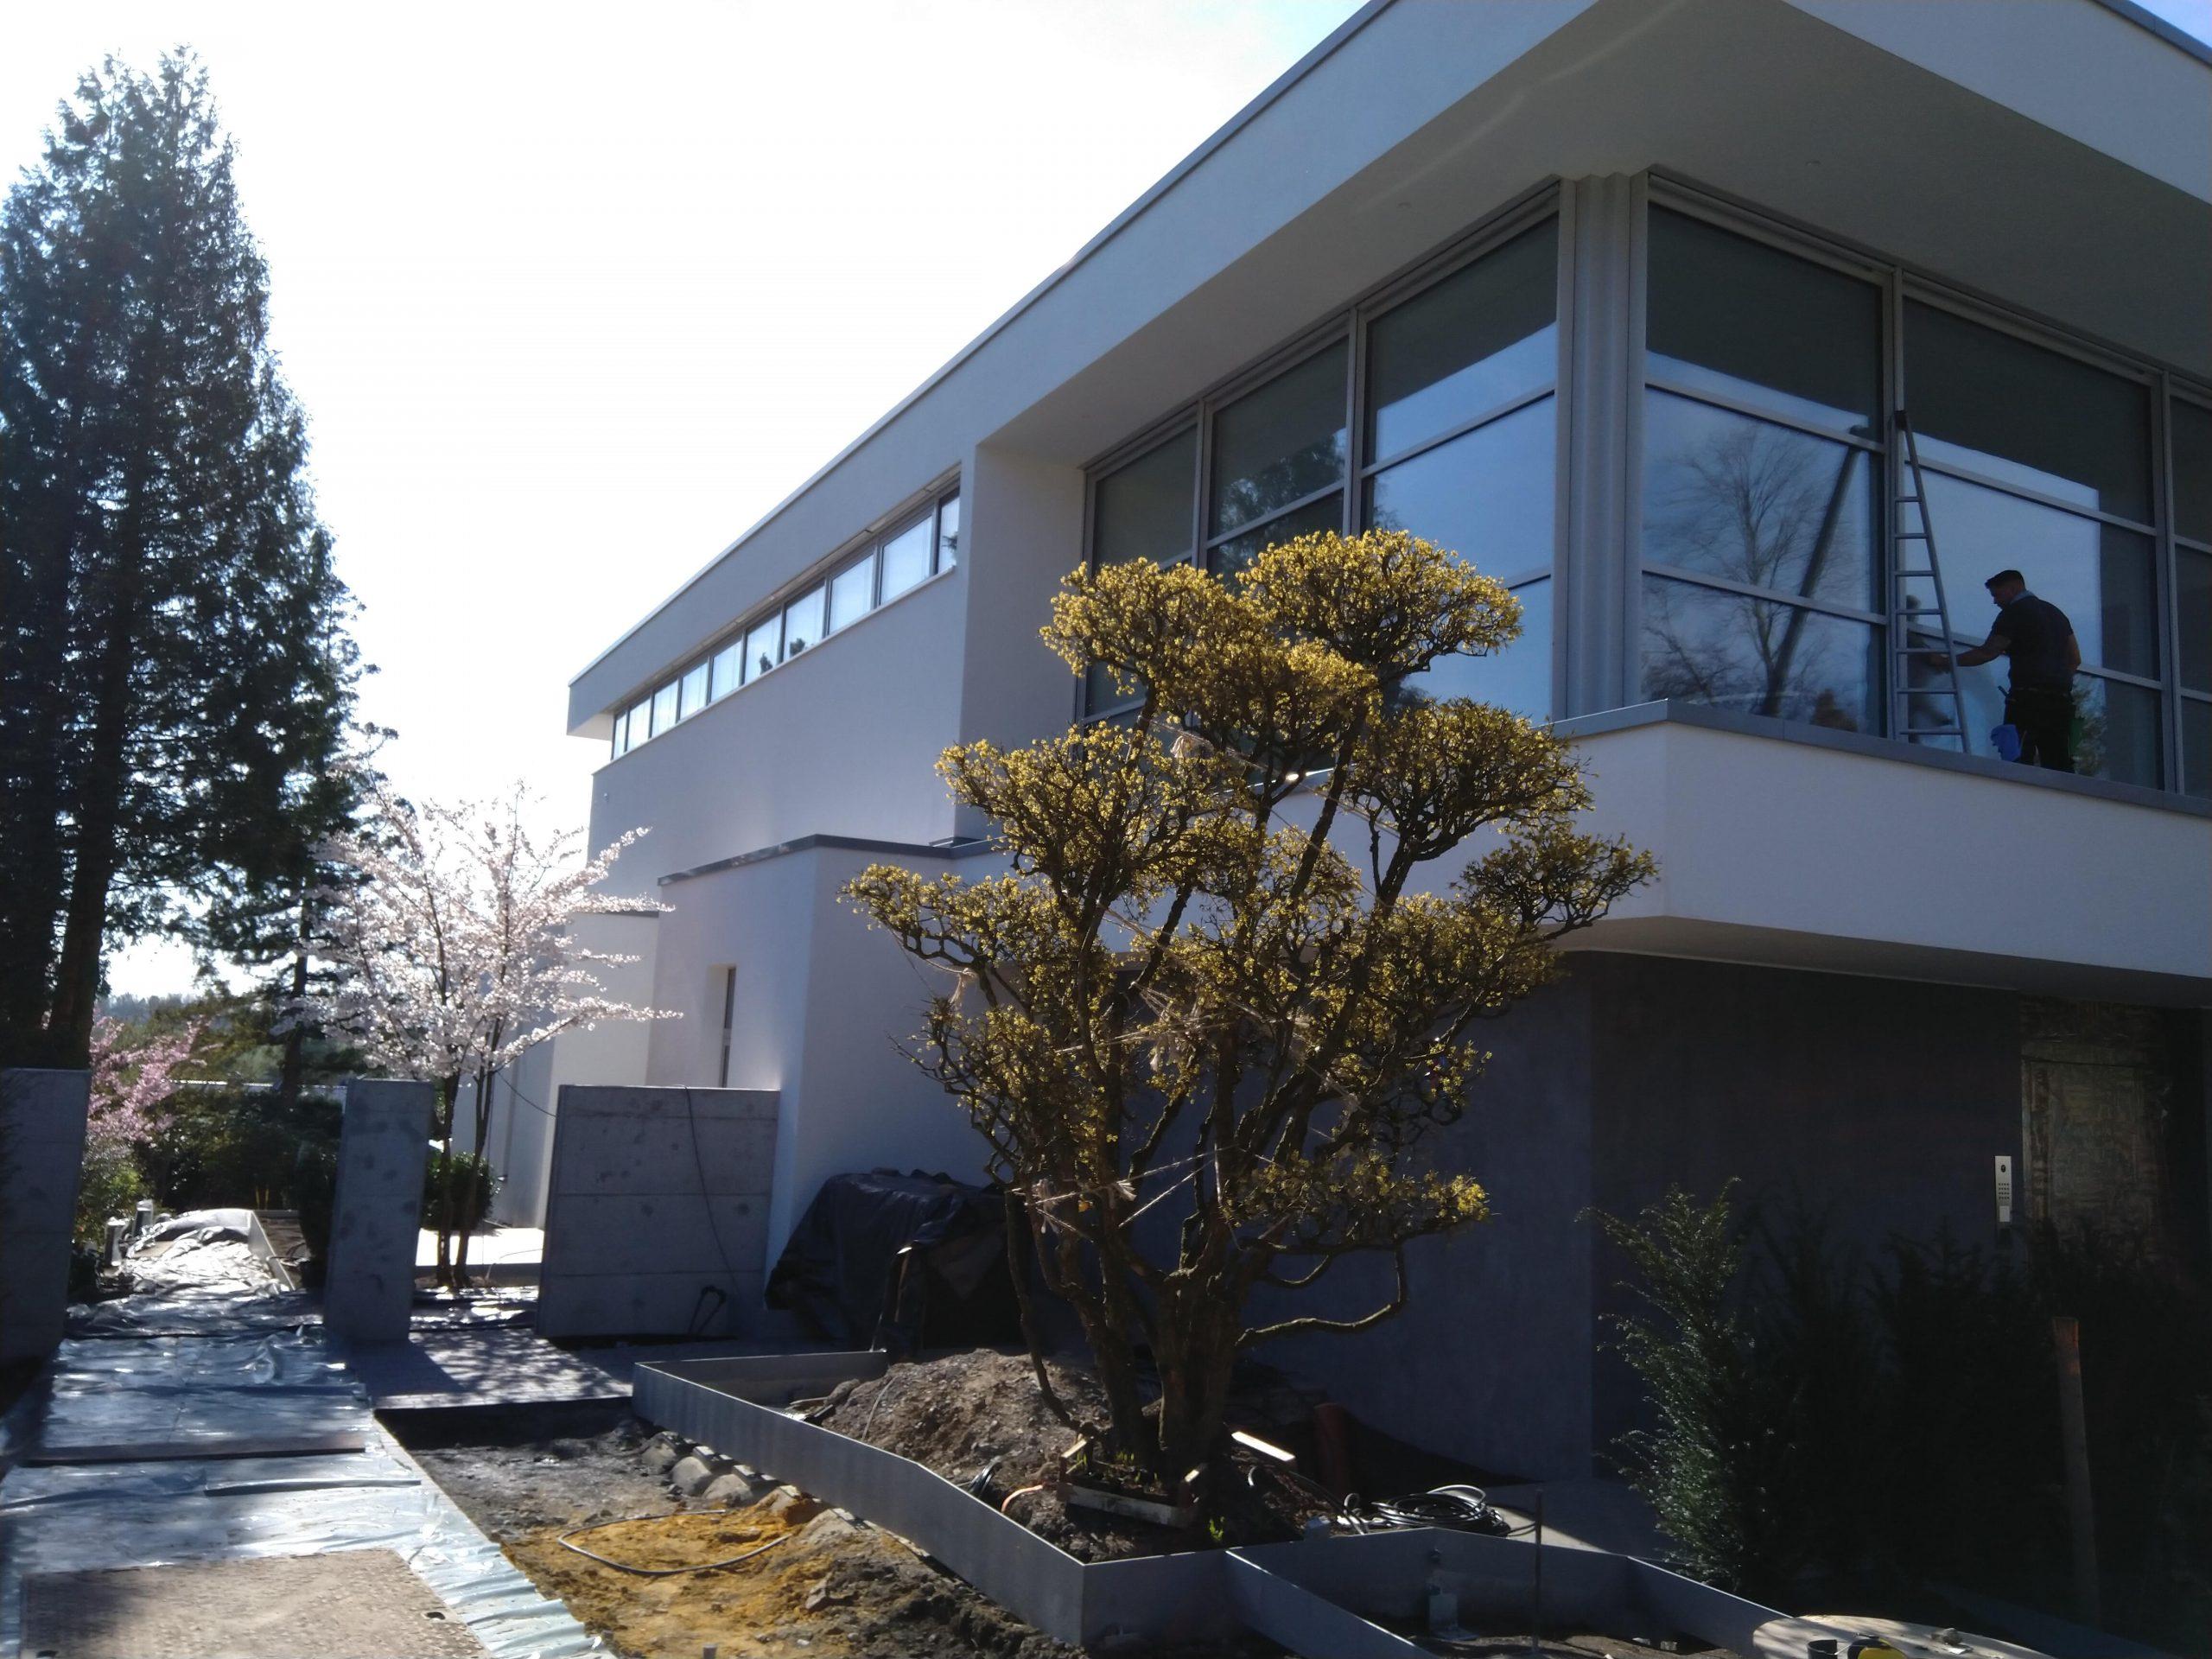 Mitarbeiter putzt Fenster vom Neubau - Wischen ist Macht JAMES CLEAN GMBH Ihr Servicepartner seit 1996 aus Mönchengladbach